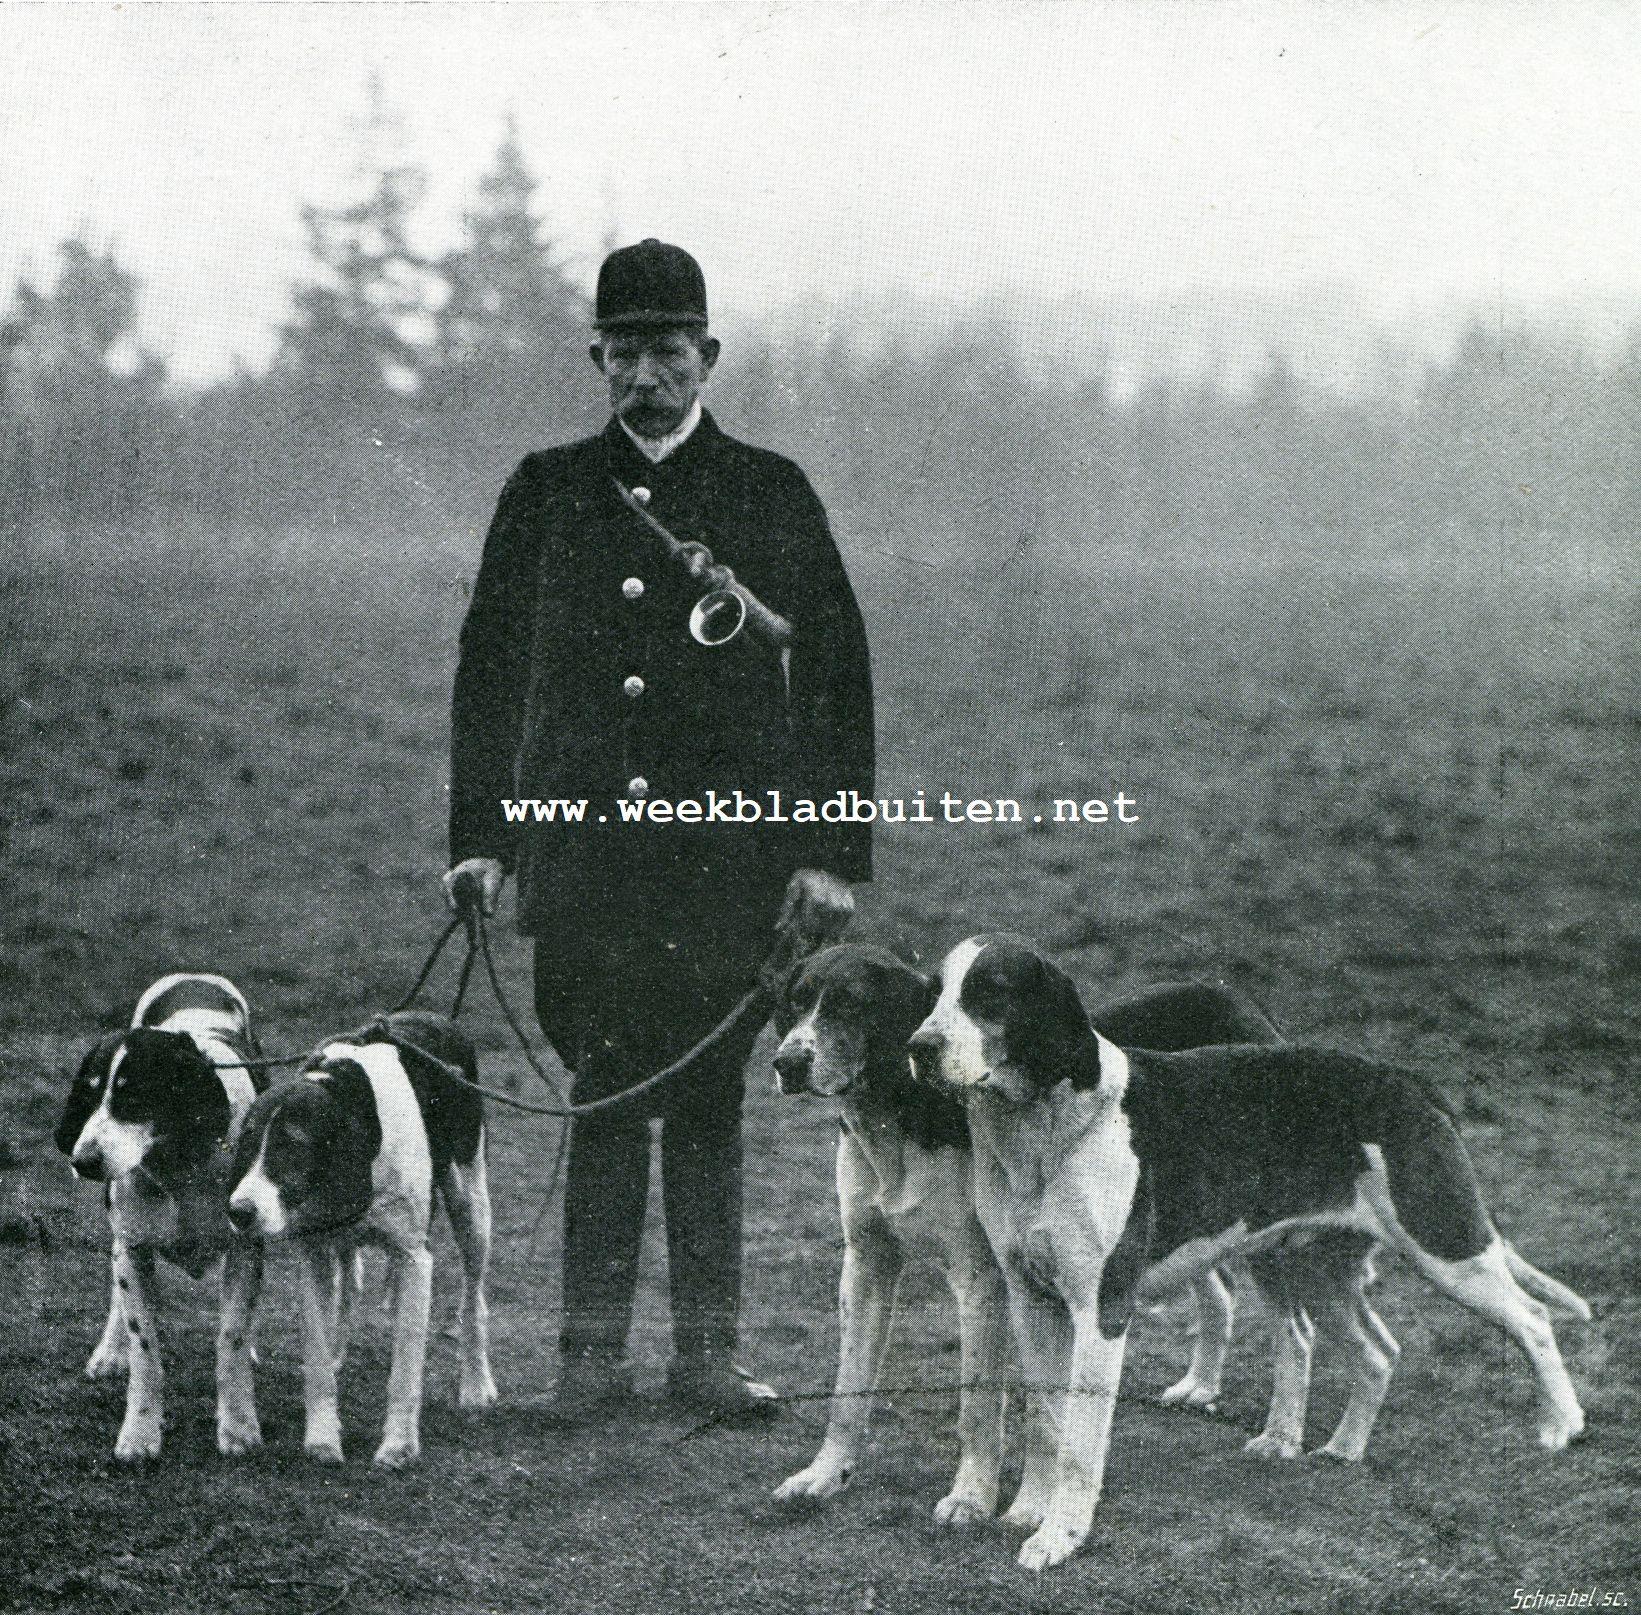 Hertenjacht. G. Blom. Valet de chiens met vier der beste honden van het